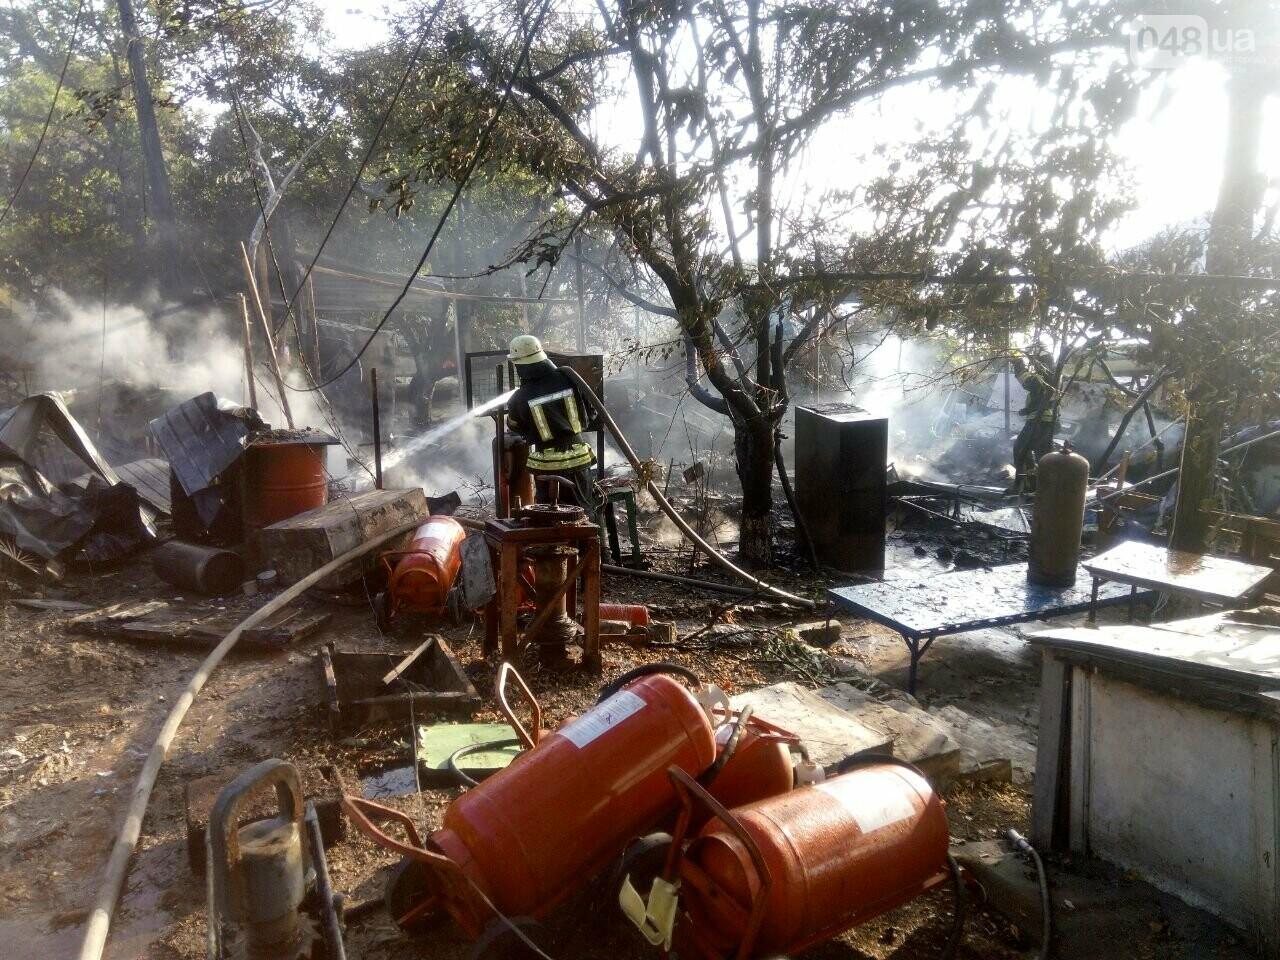 В Одессе случился масштабный пожар: горели рыбацкие домики, - ФОТО5